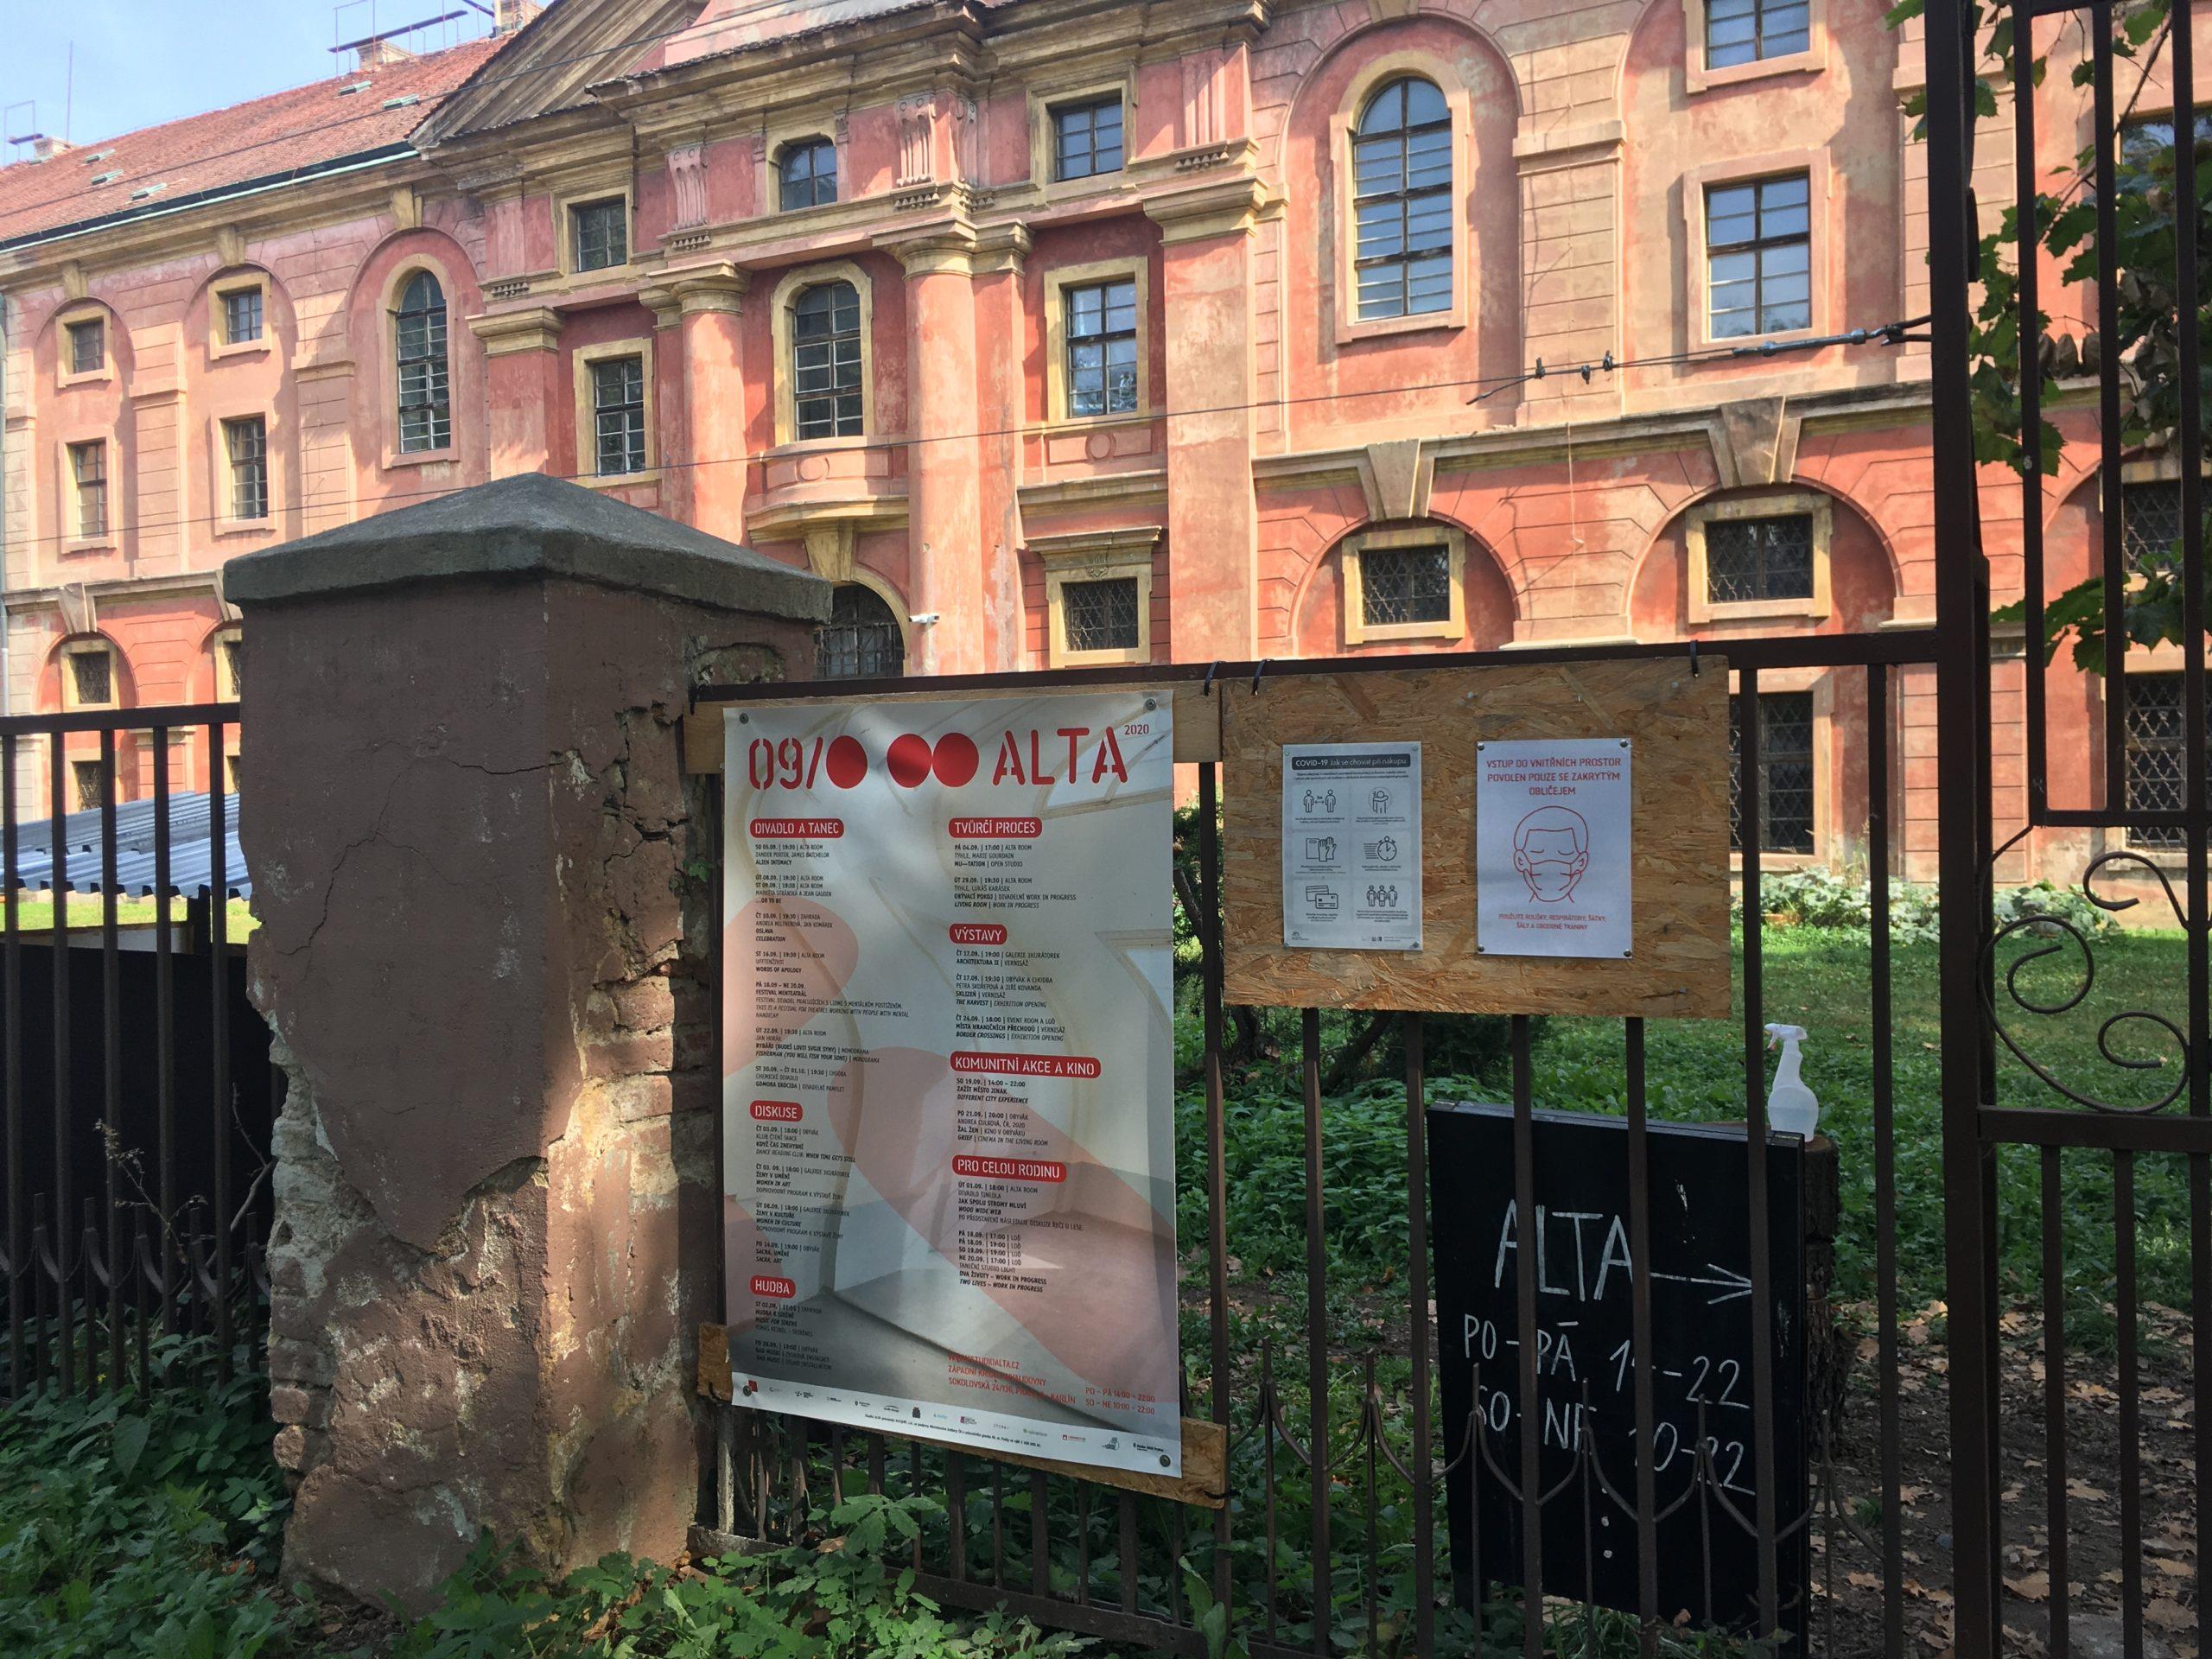 ALTA to centrum kultury alternatywnej